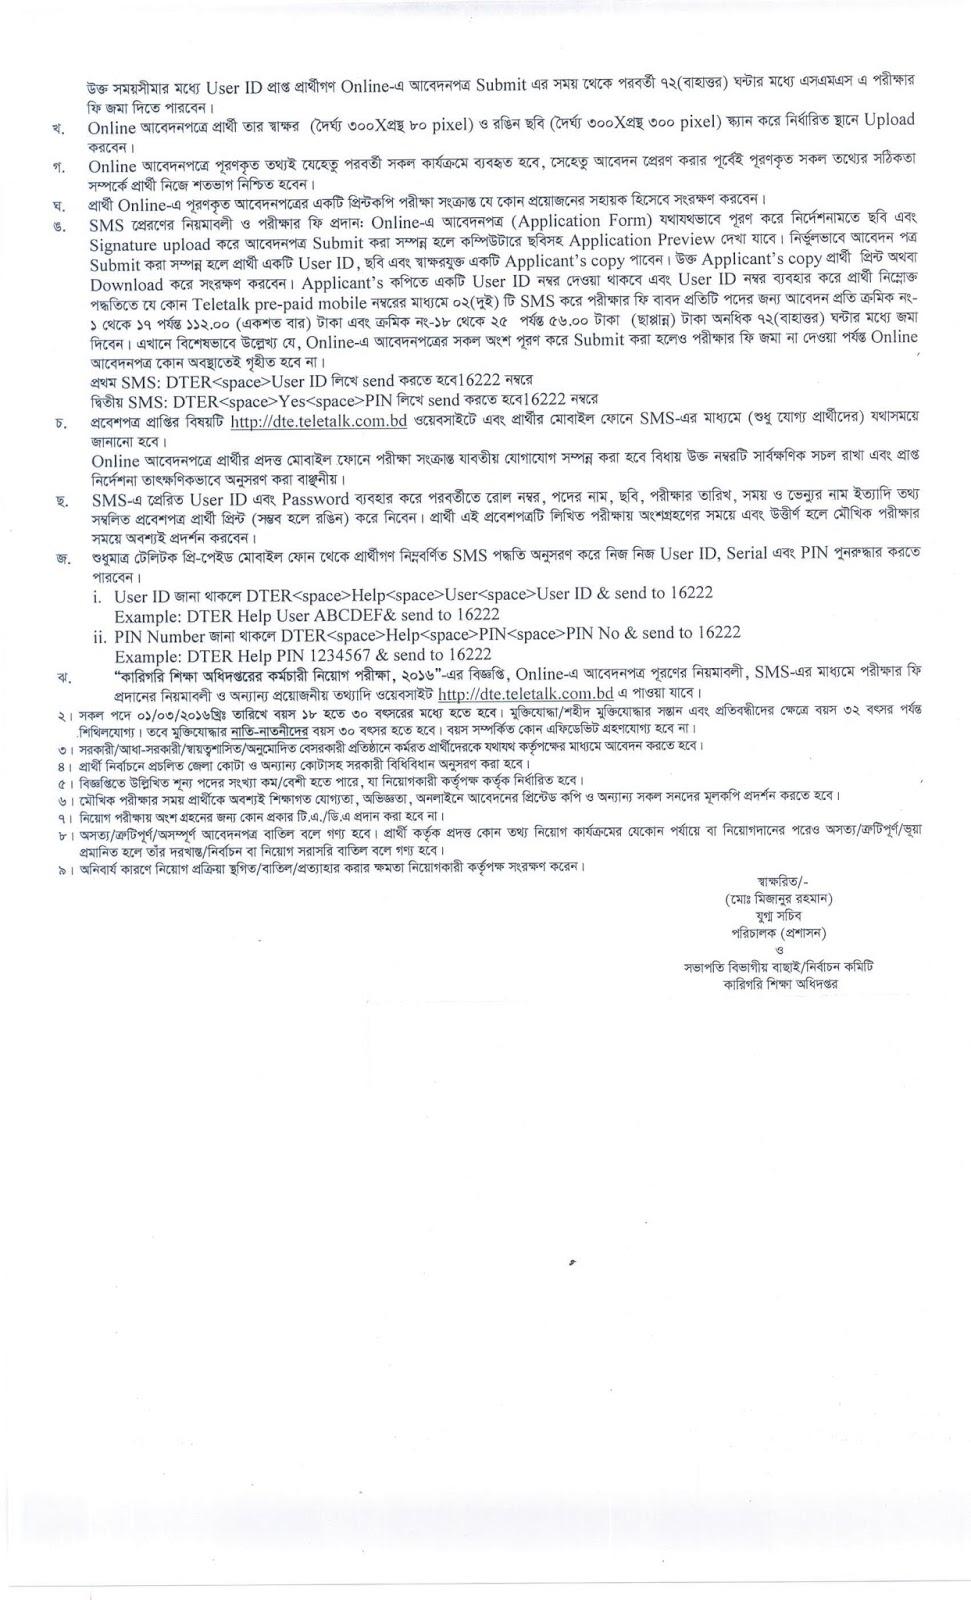 bd questions directorate technical education job circular 2016